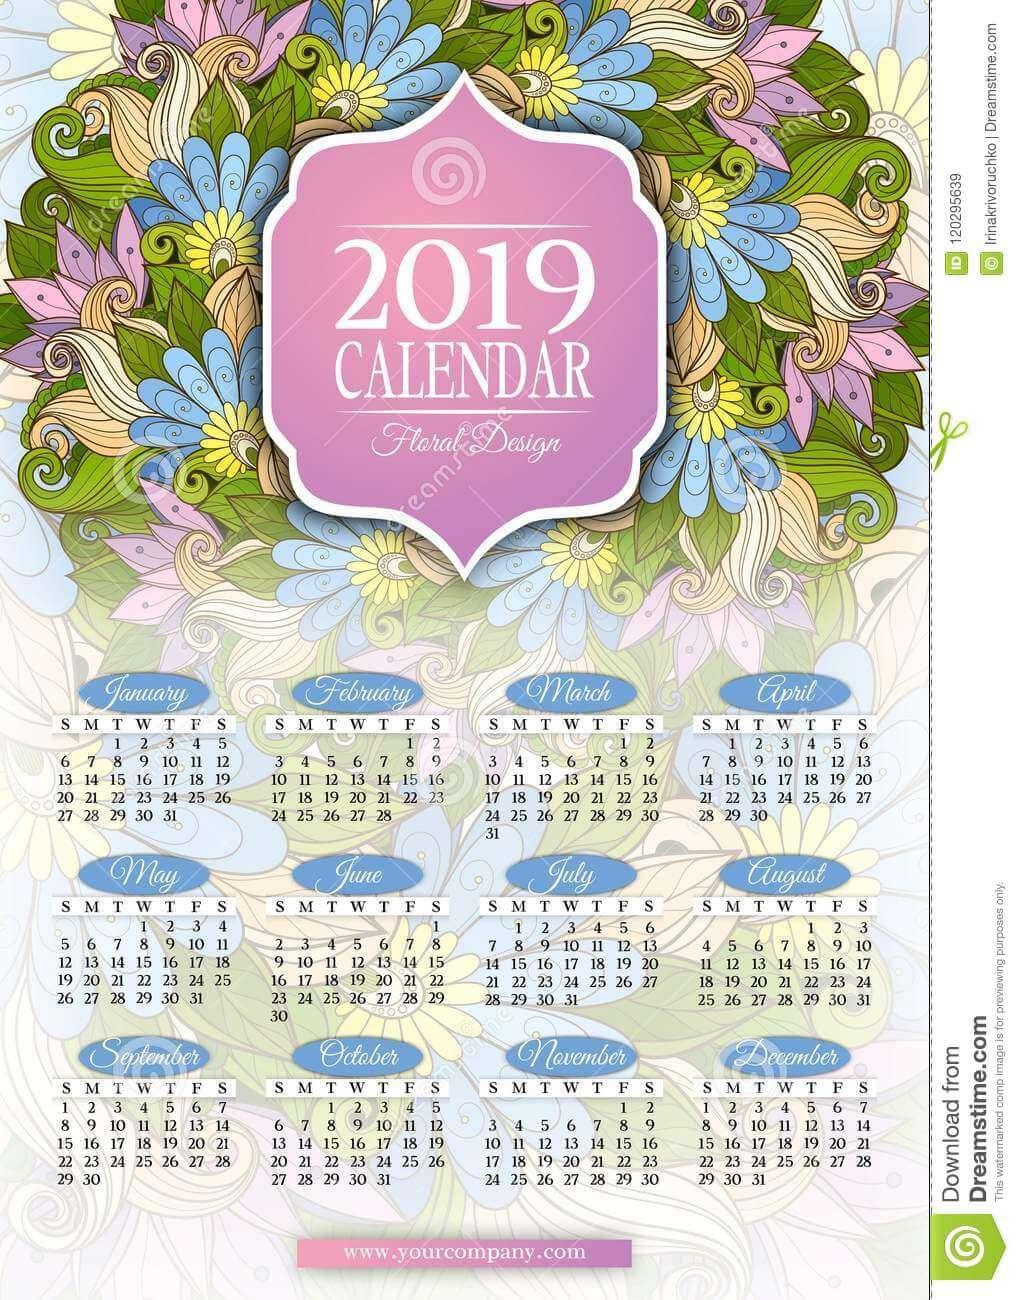 Красивые календари на 2019 год - отличная подборка 18